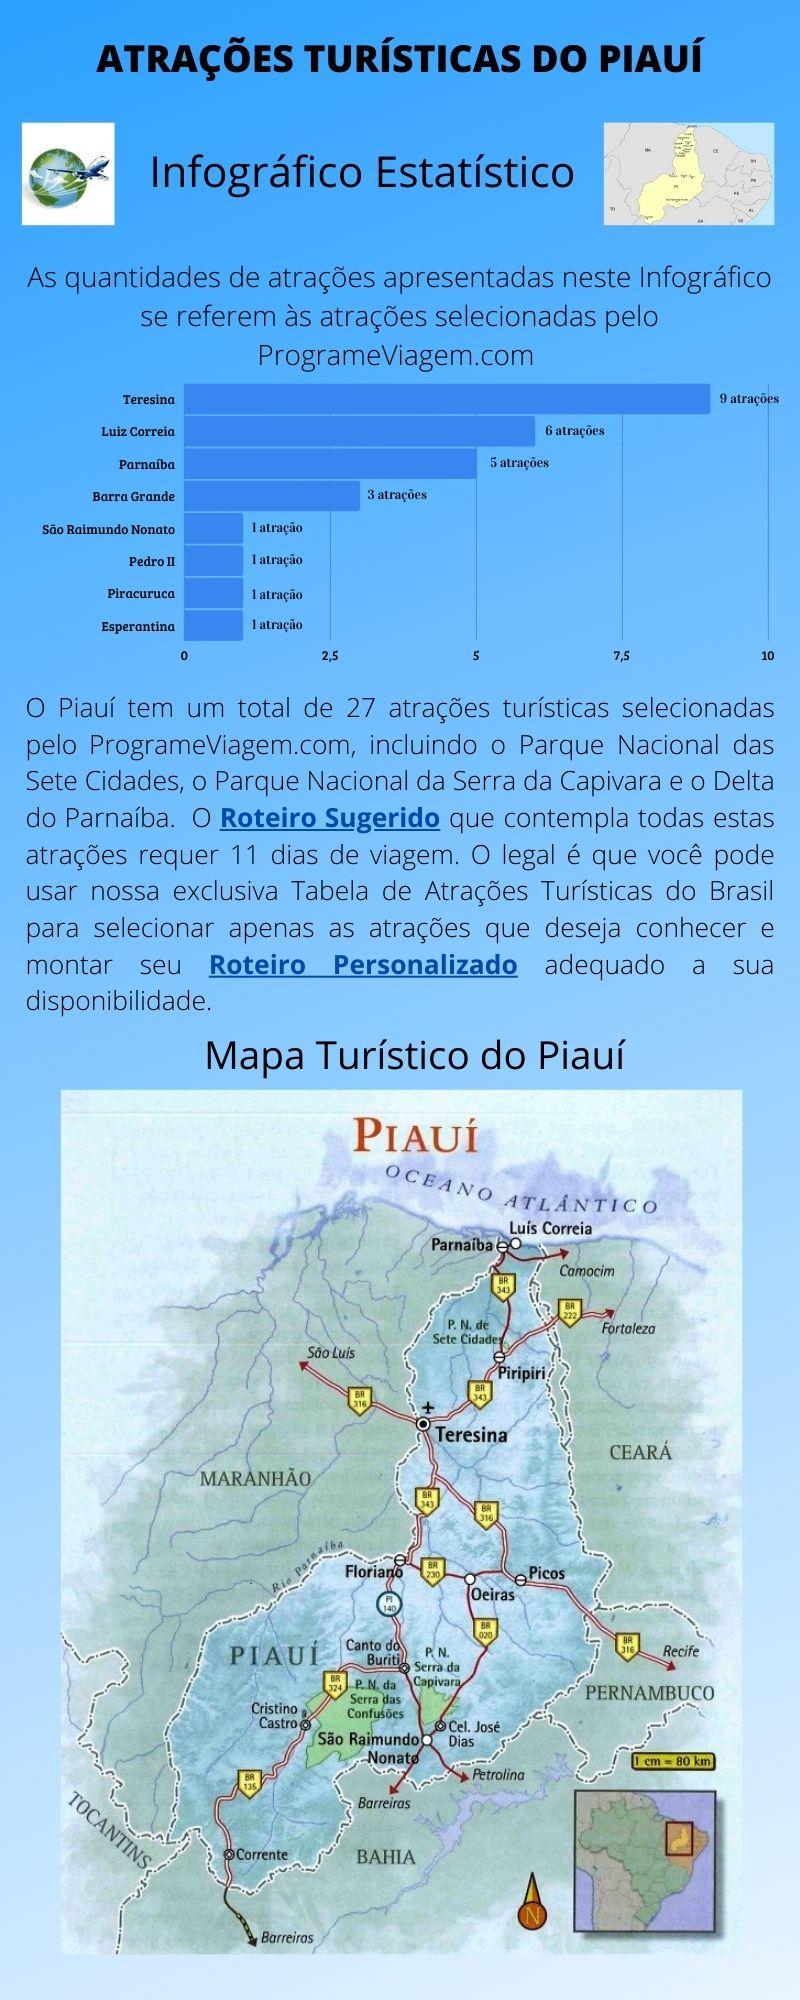 Infográfico Atrações Turísticas do Piauí 1